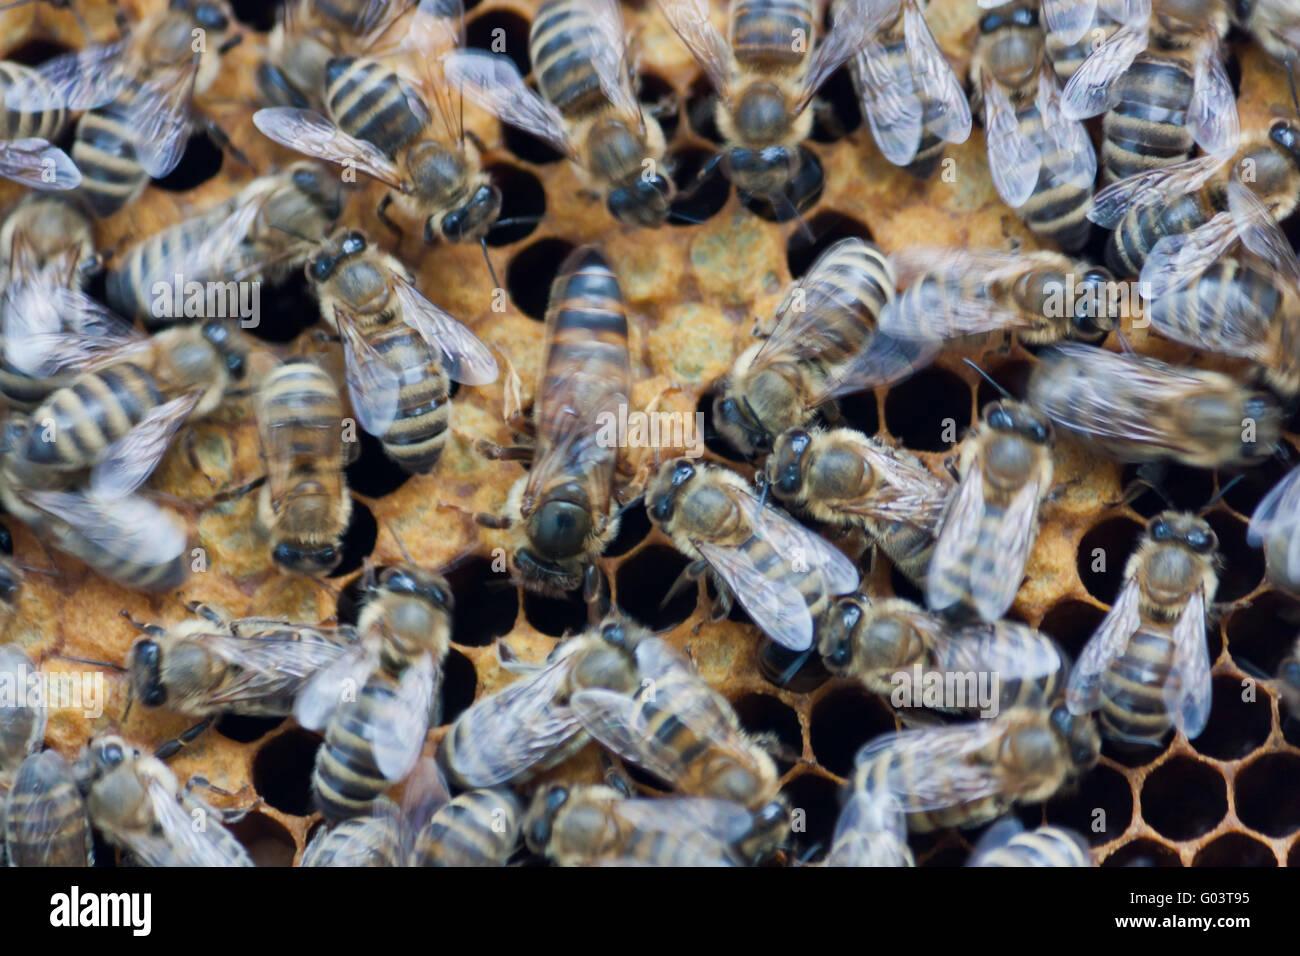 Bienen Königin Stockfotos & Bienen Königin Bilder - Alamy